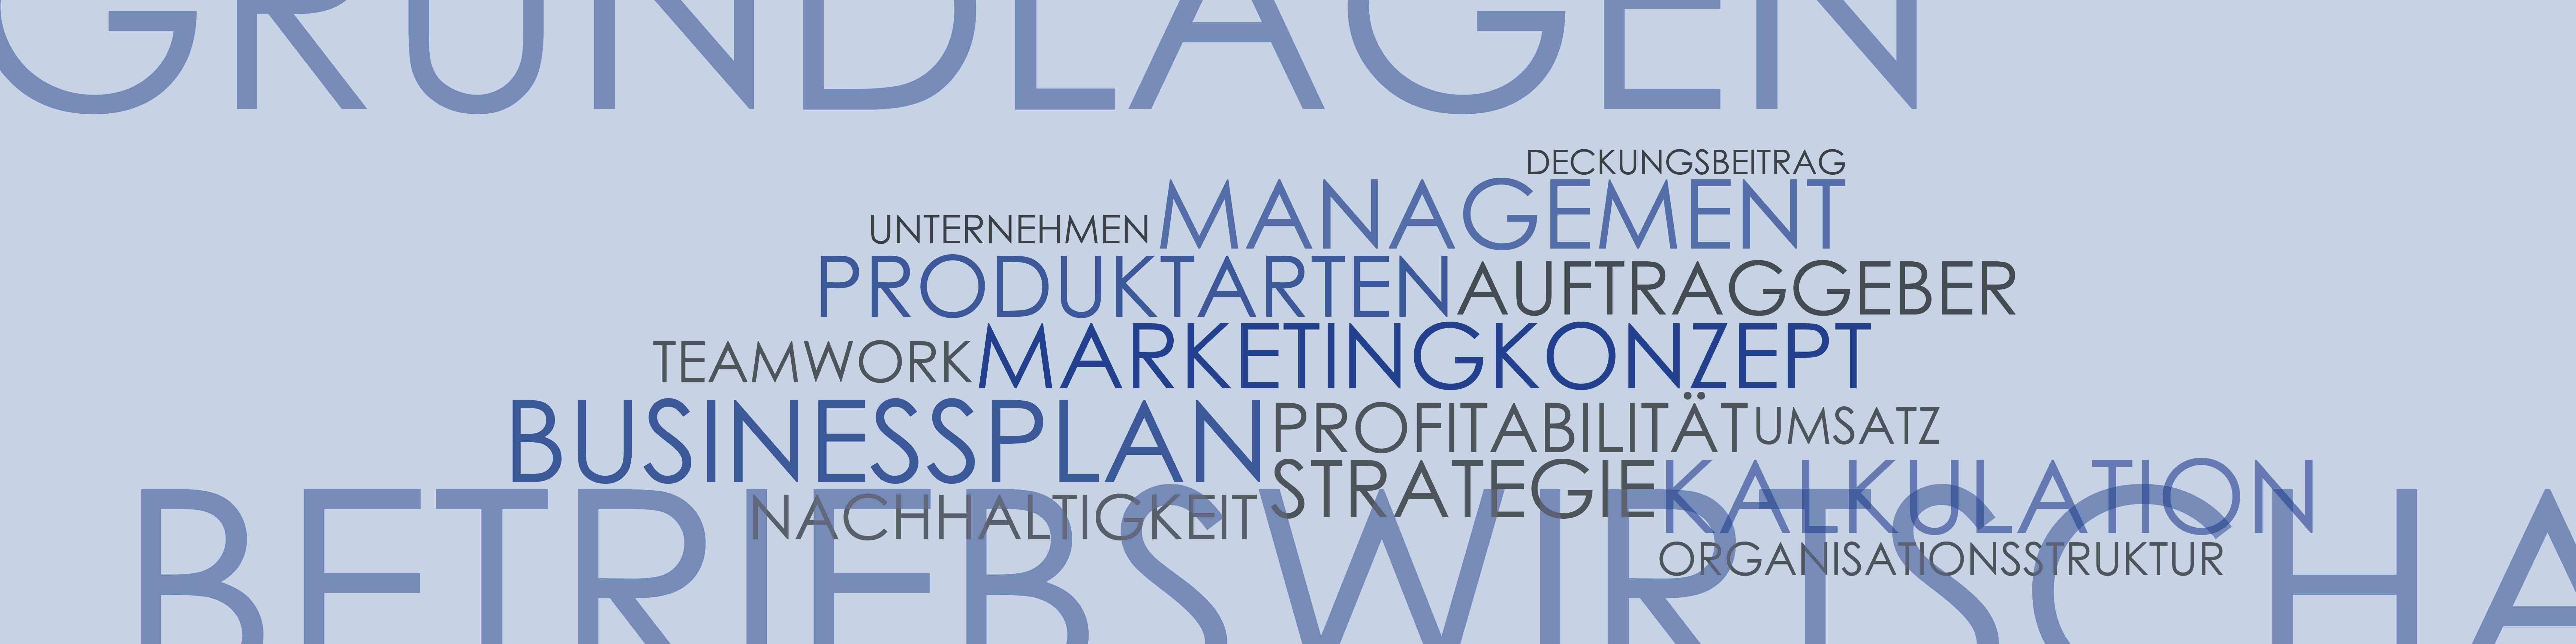 Integriertes Produktdesign, Lerhrinhalte, Betriebswirtschaftslehre